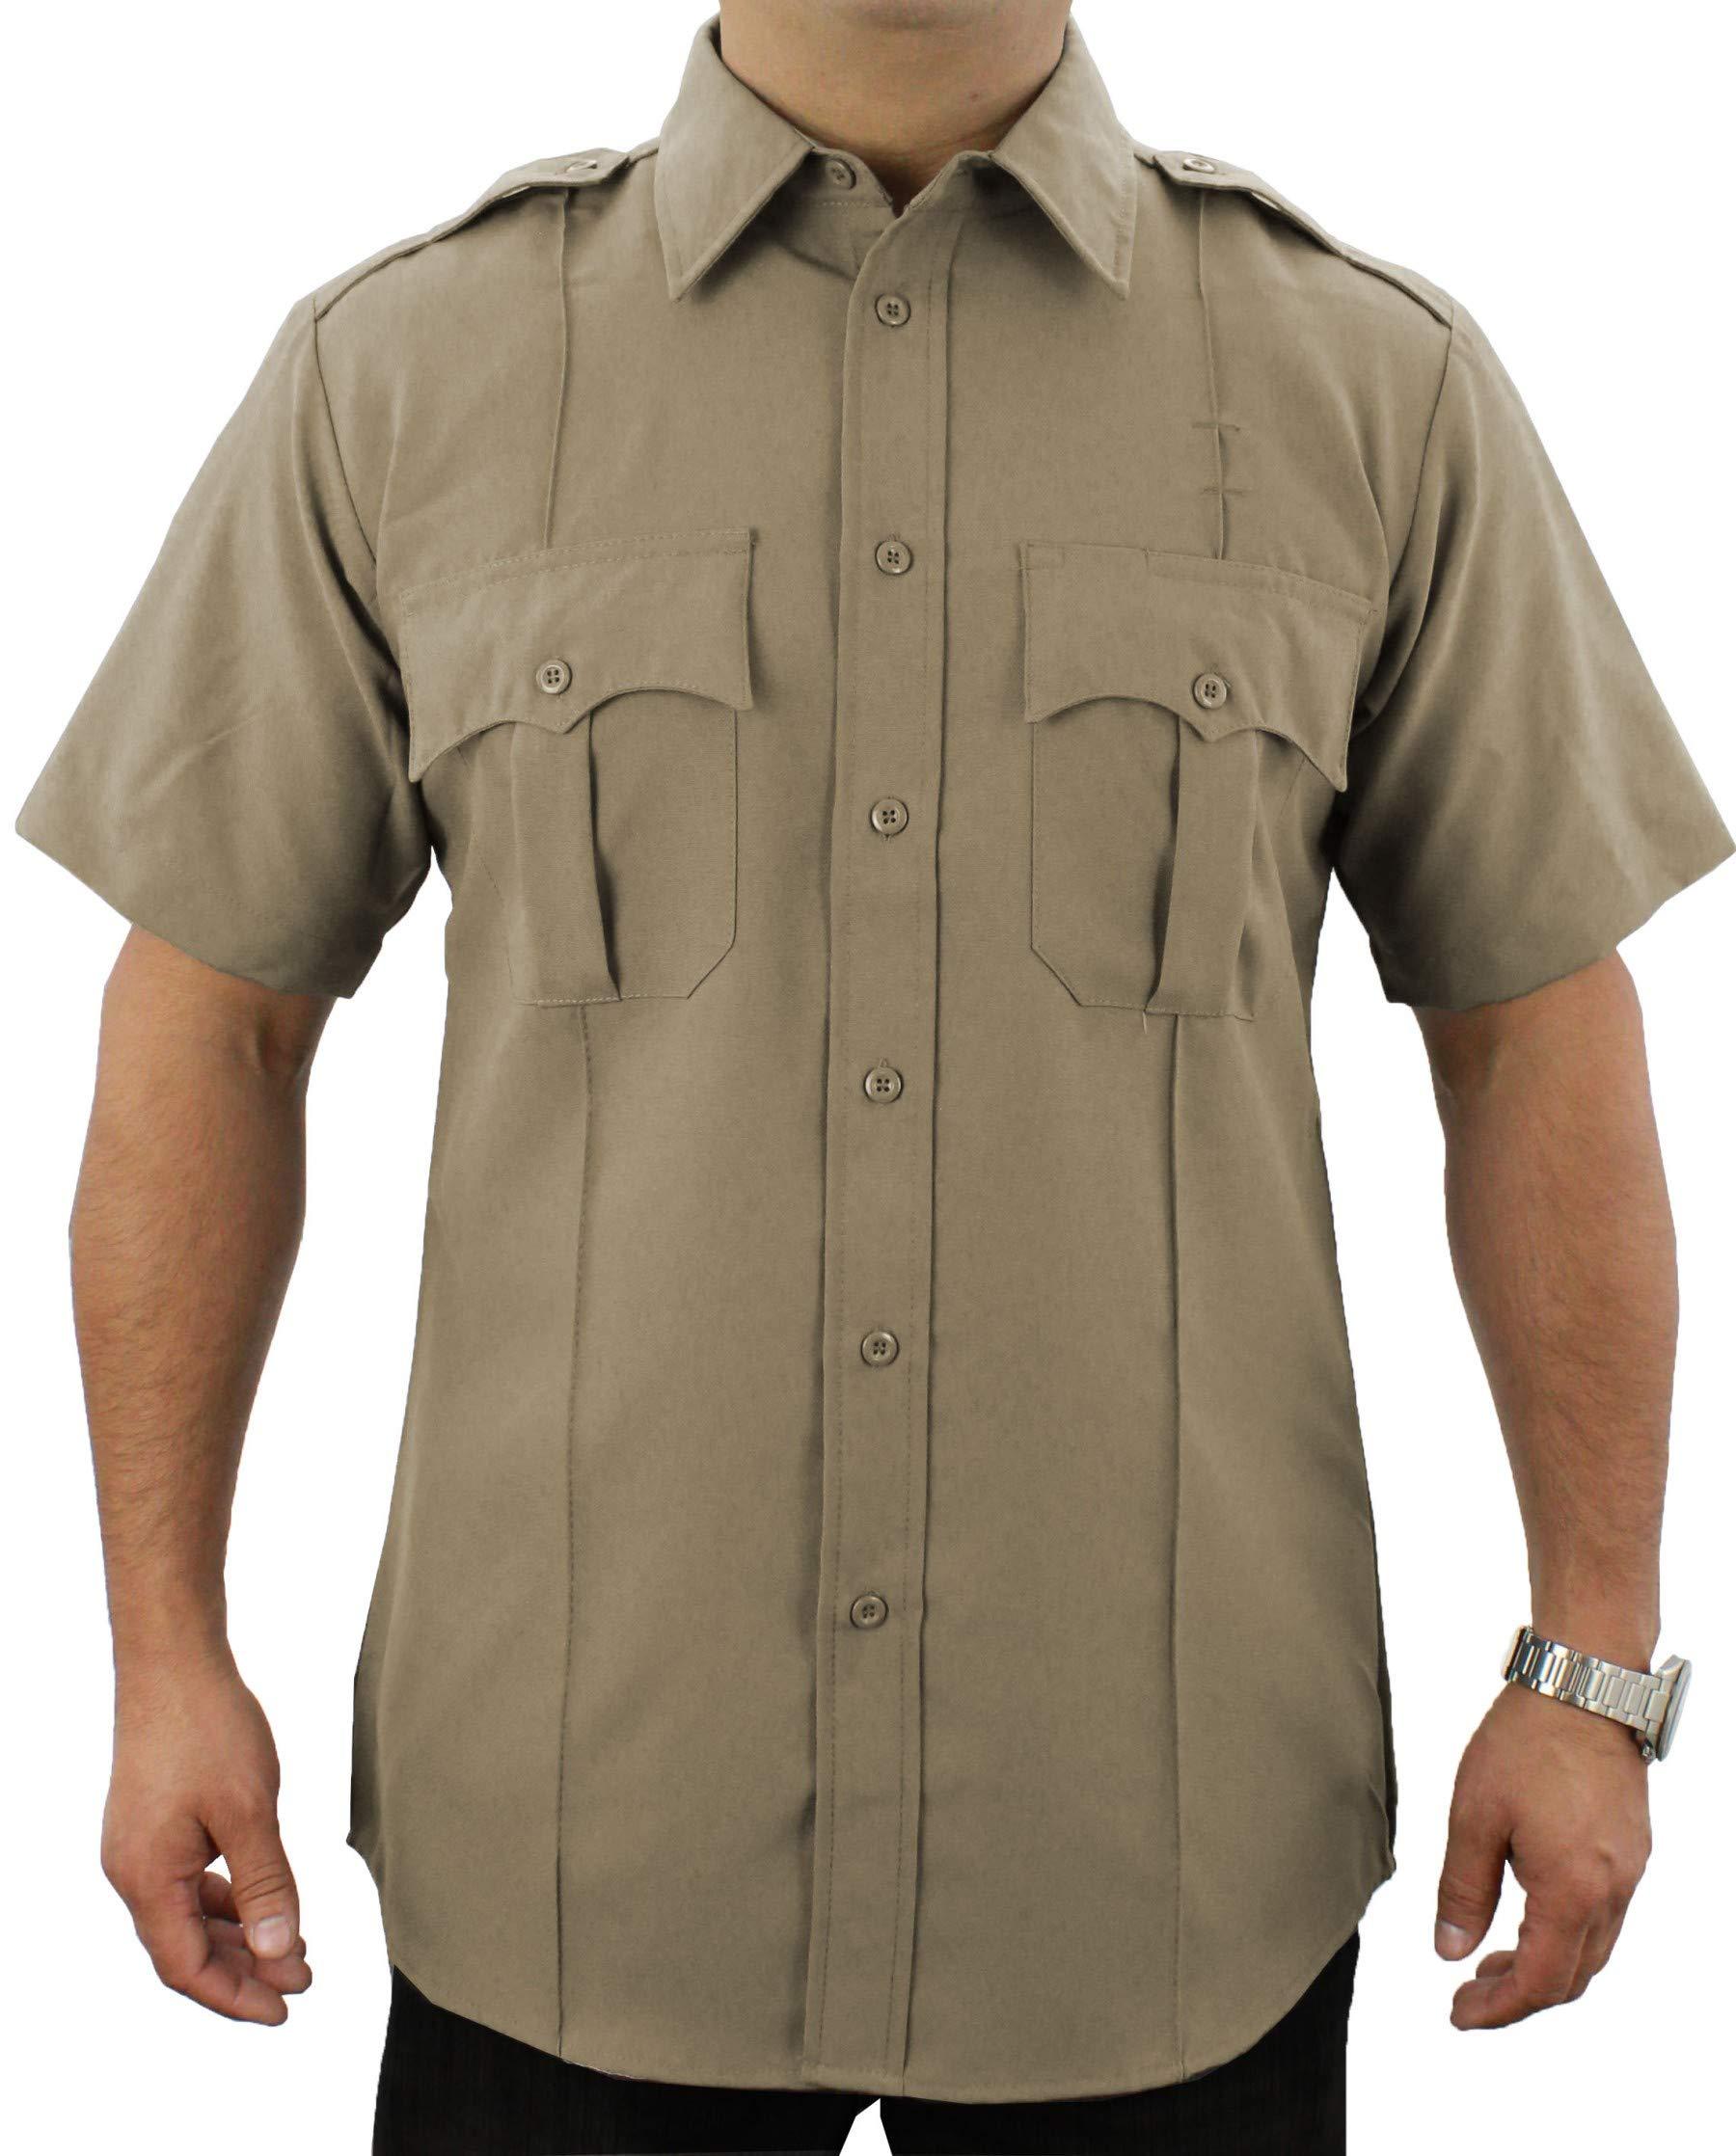 First Class 100% Polyester Short Sleeve Zippered Uniform Shirt 2XL Tan by First Class